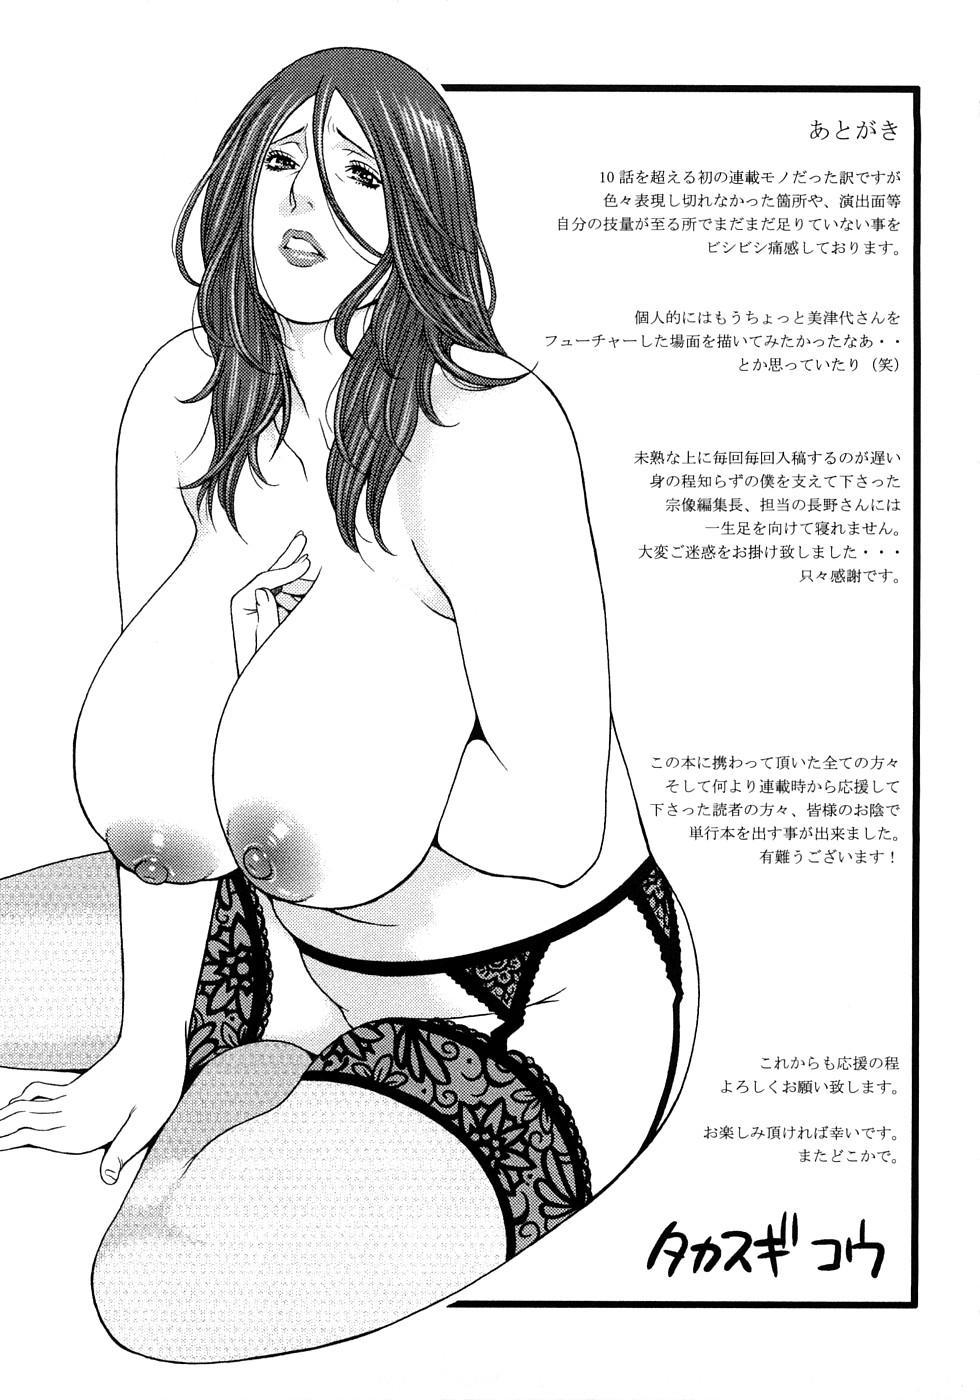 Etsuraku no Tobira - The Door of Sexual Pleasure 215